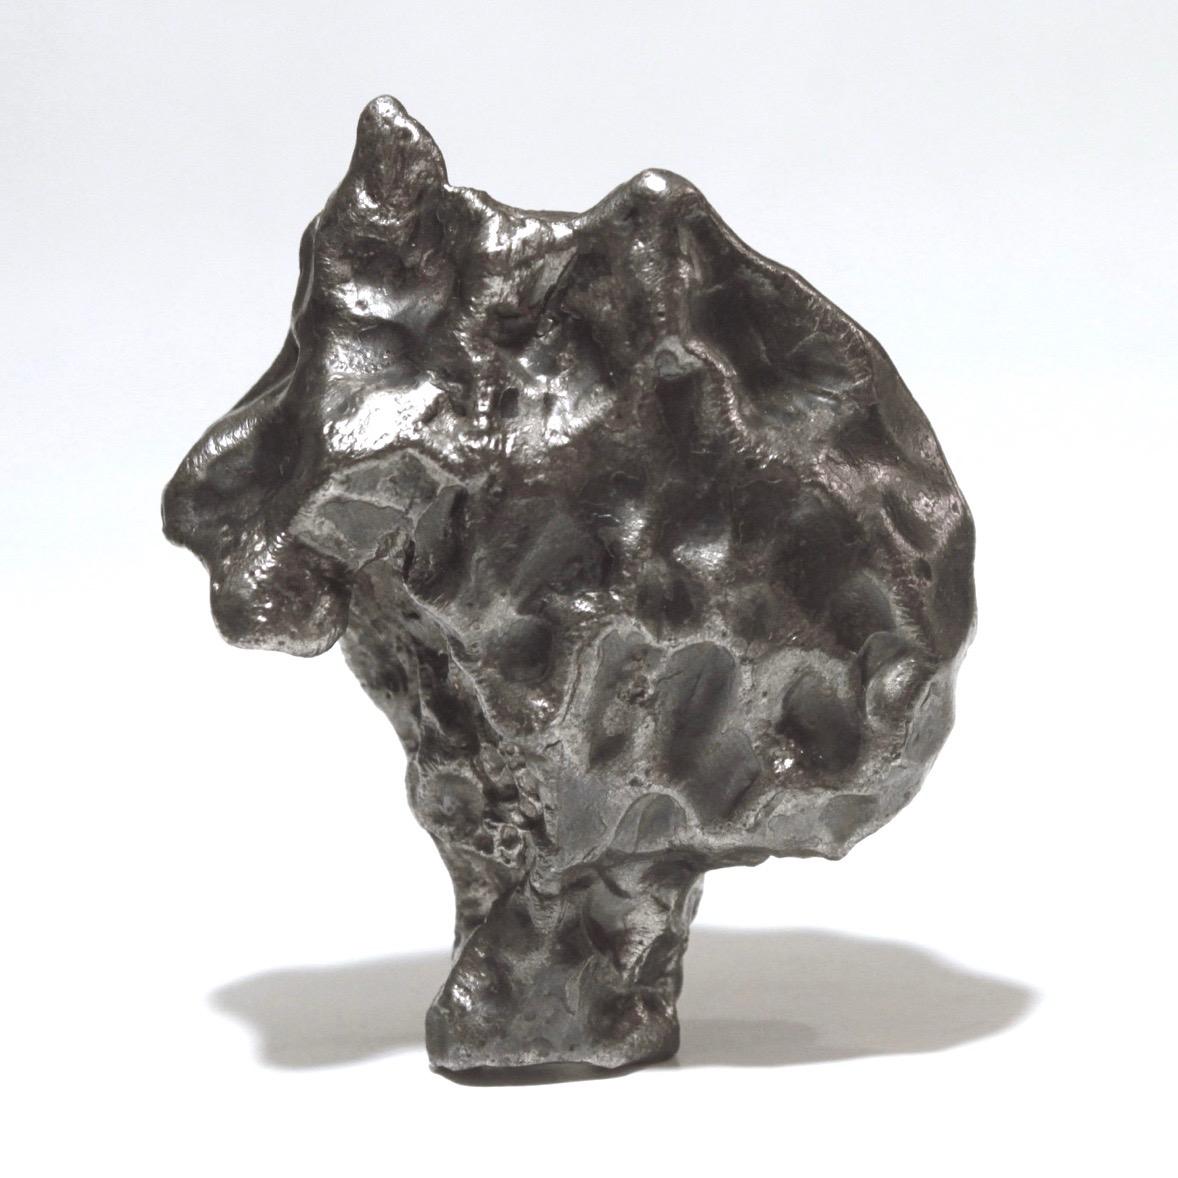 Sikhote Alin meteorite. Sculptural shape.